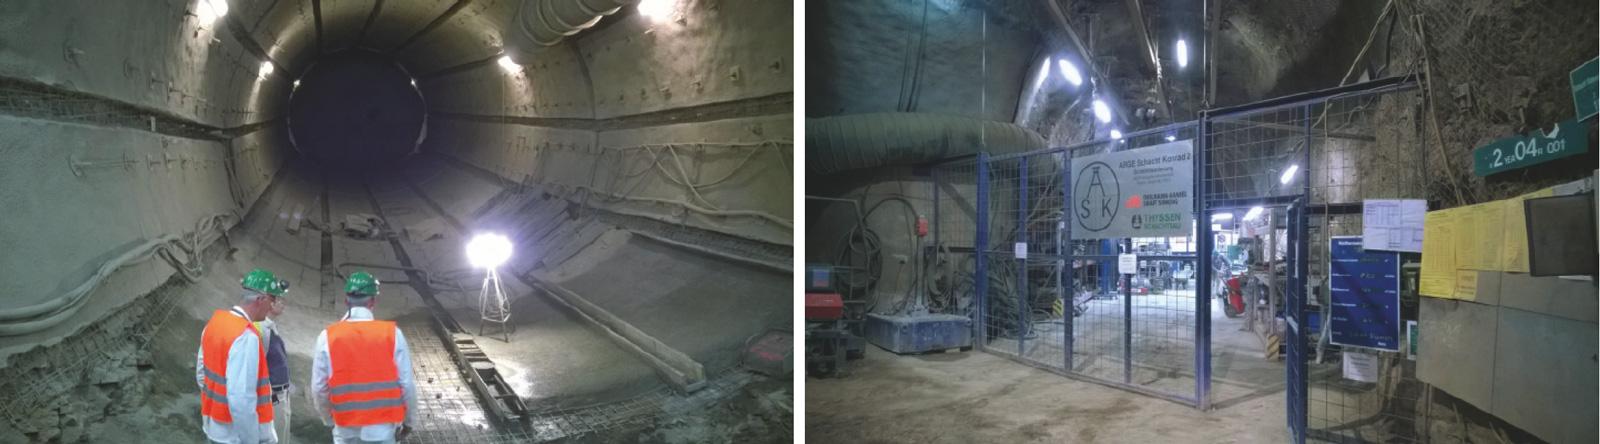 Fig. 2. Site audit for the Konrad shaft construction team. // Bild 2. Baustellenaudit bei der Arbeitsgemeinschaft Schächte Konrad. Photos/Fotos: THYSSEN SCHACHTBAU